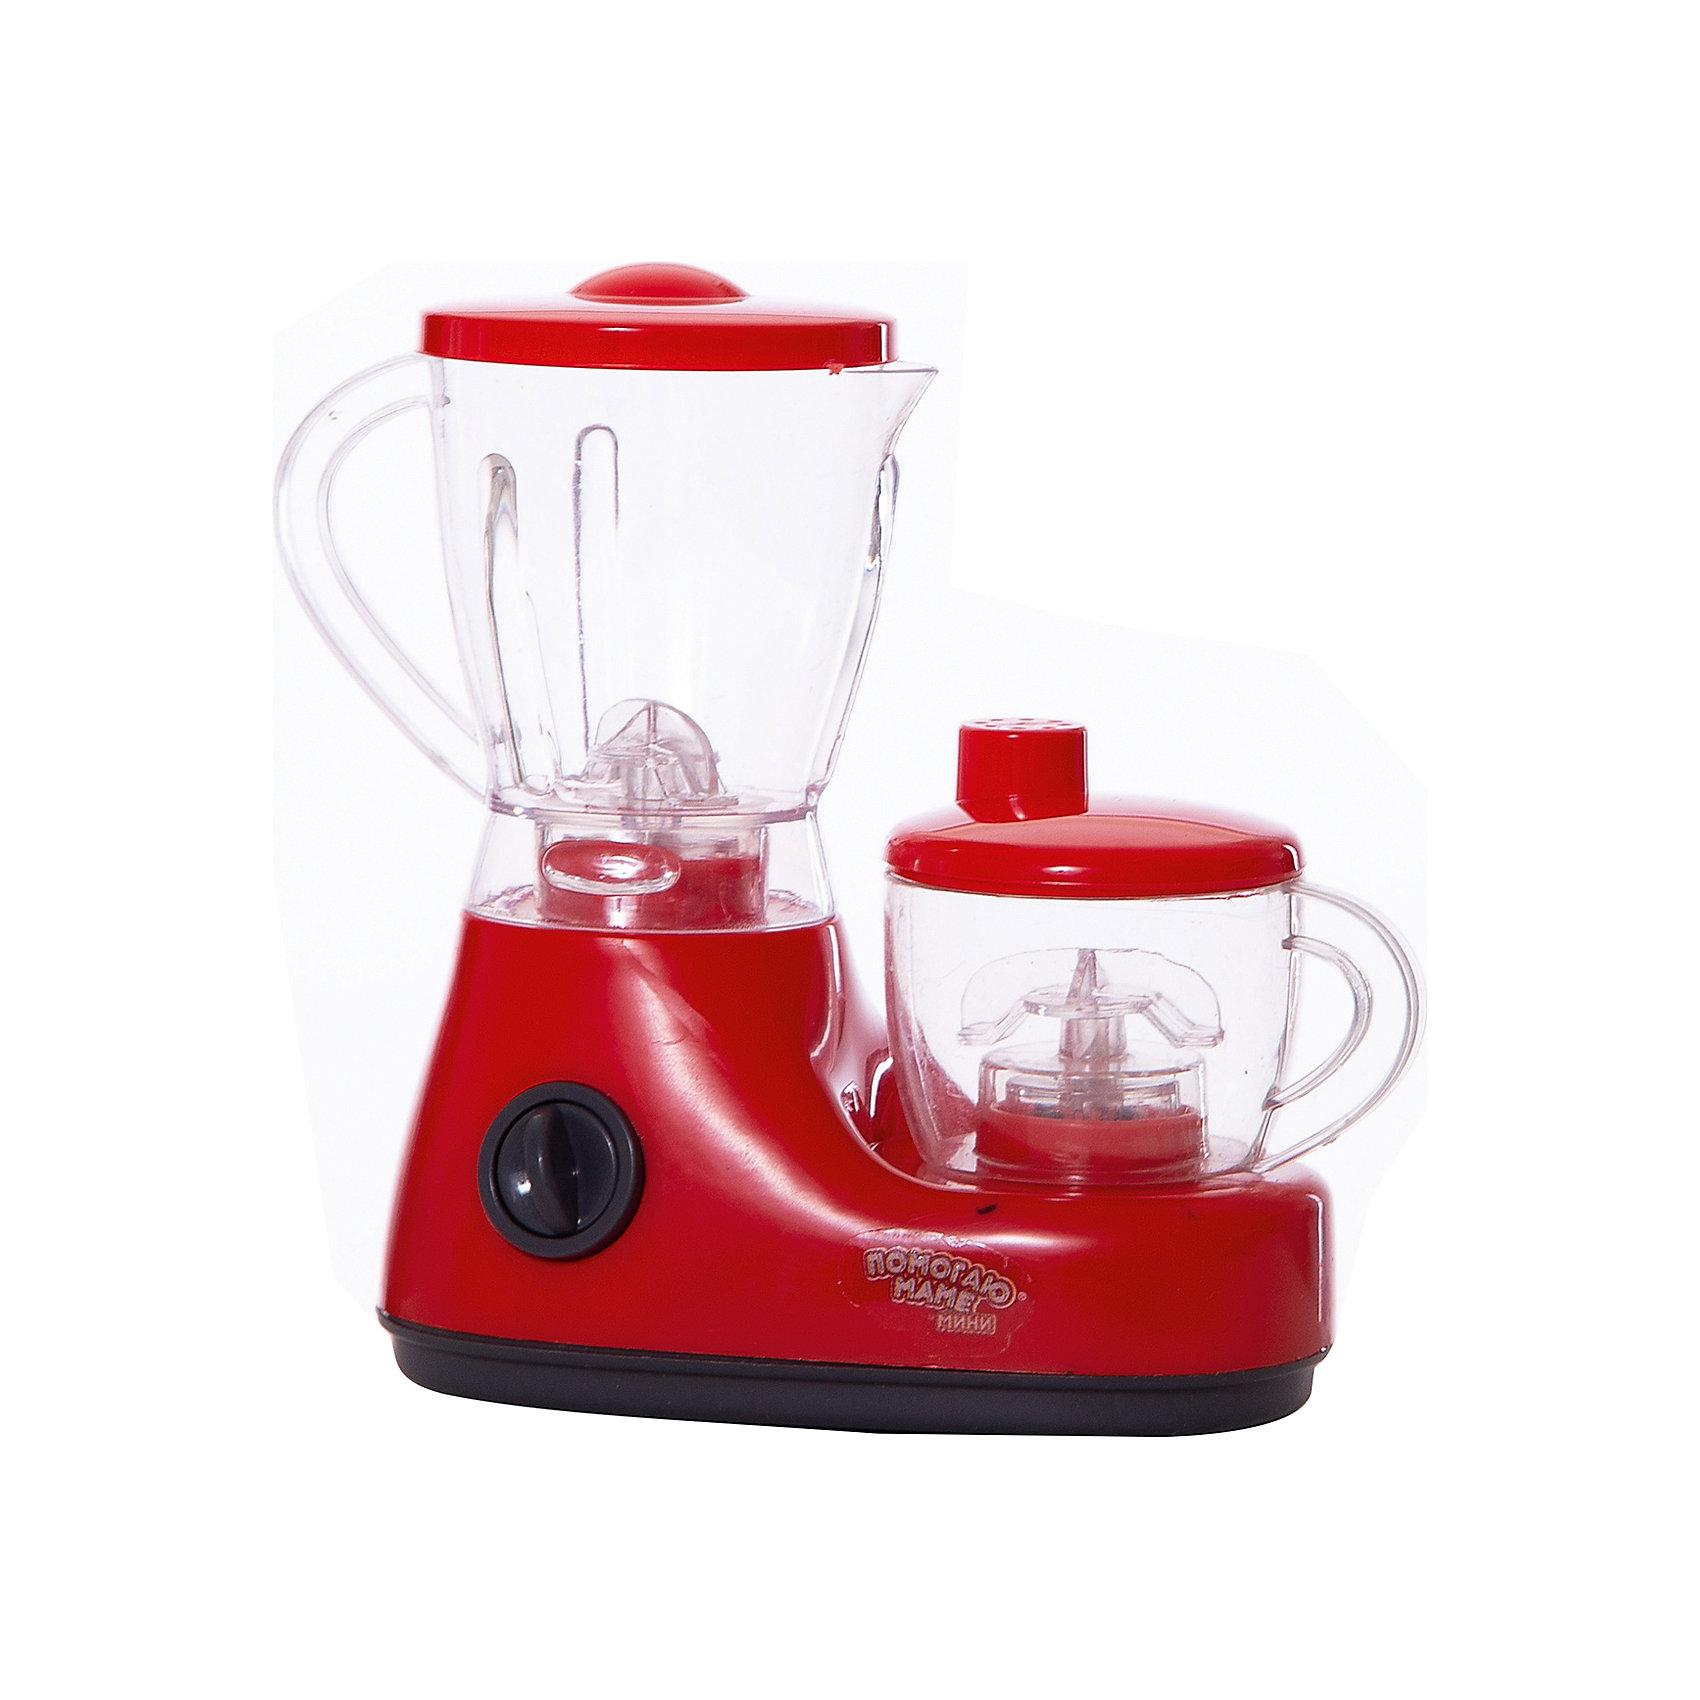 Кухонный комбайн, ABtoysИгрушечная бытовая техника<br>Кухонный комбайн, Abtoys (АБтойс)<br><br>Характеристики:<br><br>• световые эффекты<br>• реалистичные звуки<br>• в комплекте: кухонный комбайн с двумя чашами<br>• материал: пластик<br>• батарейки : АА - 2 шт. (не входят в комплект)<br>• размер упаковки: 15,5х9х17 см<br>• вес: 200 грамм<br><br>Кухонный комбайн от ABtoys поможет девочке сымитировать процесс приготовления пищи на своей собственной кухне. Комбайн имеет две чаши: маленькую круглую и высокую в форме чайника. В процессе работы комбайн светится и издает реалистичные звуки, напоминающие настоящее измельчение продуктов. Играя, девочка научится справляться с бытовой техникой, чтобы в дальнейшем самостоятельно помогать маме. Для работы необходимы две батарейки АА (не входят в комплект).<br><br>Кухонный комбайн, Abtoys (АБтойс) вы можете купить в нашем интернет-магазине.<br><br>Ширина мм: 155<br>Глубина мм: 90<br>Высота мм: 170<br>Вес г: 200<br>Возраст от месяцев: 36<br>Возраст до месяцев: 2147483647<br>Пол: Женский<br>Возраст: Детский<br>SKU: 5571429